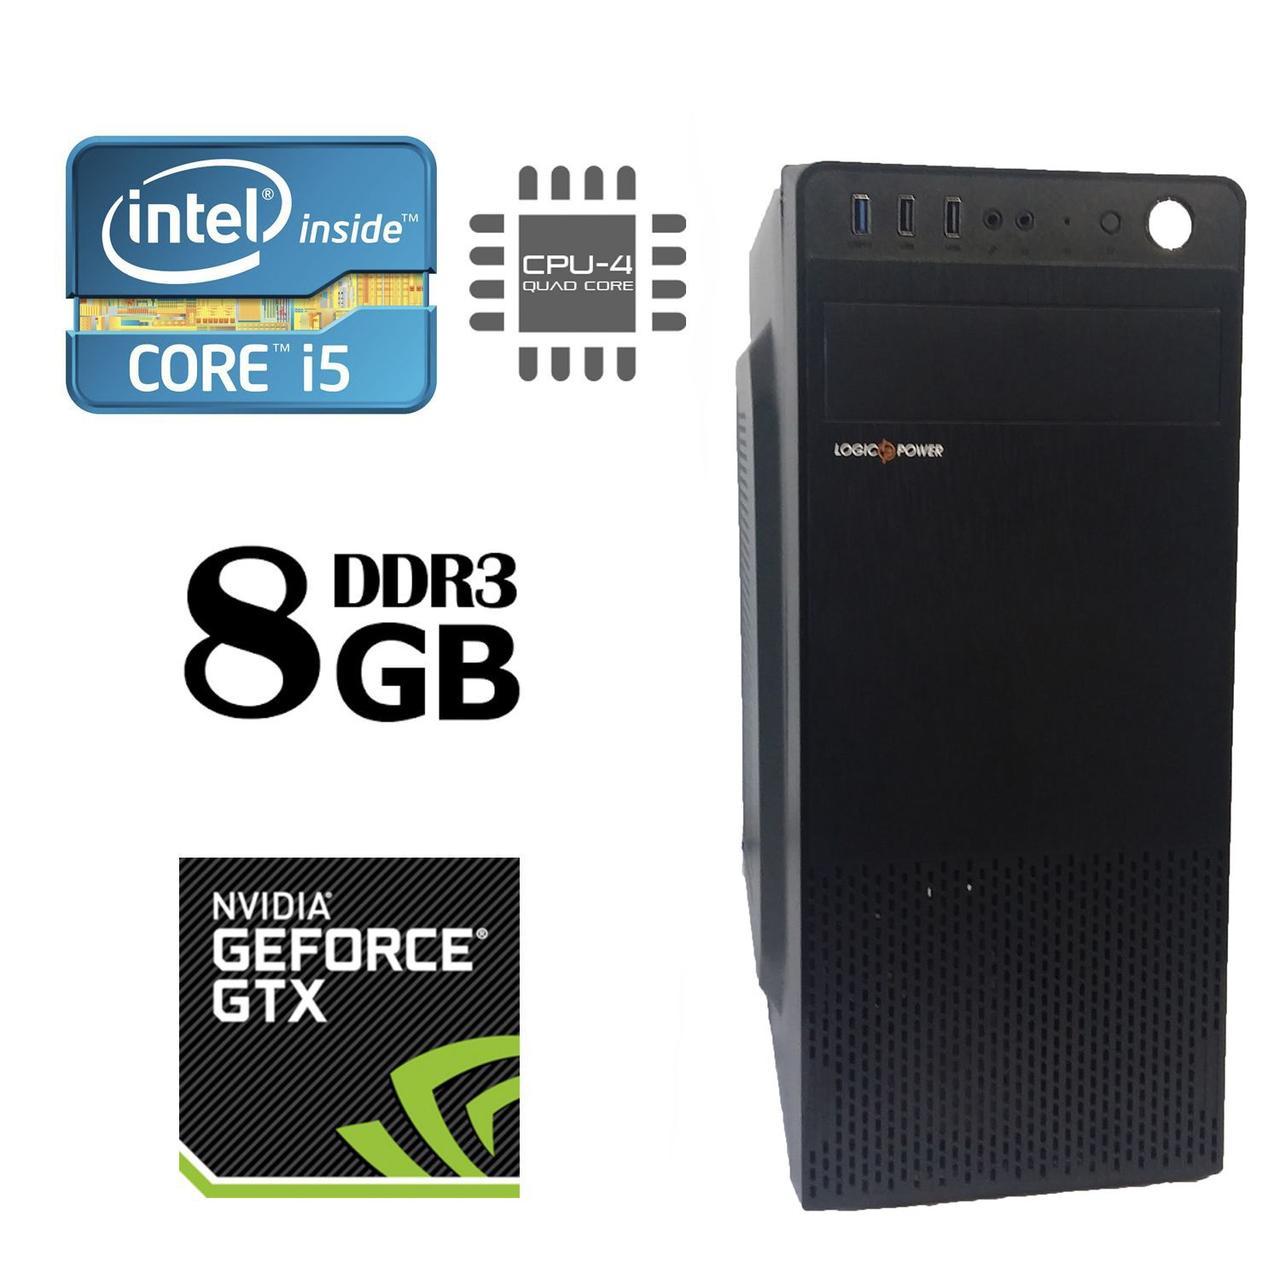 MSI MiniTower / Intel® Core™ i5-3470 (4 ядра по 3.20 - 3.60 GHz) / 8 GB DDR3 / 500 GB HDD+240 GB SSD / nVidia GeForce GTX 960 (2GB 128-bit GDDR5)